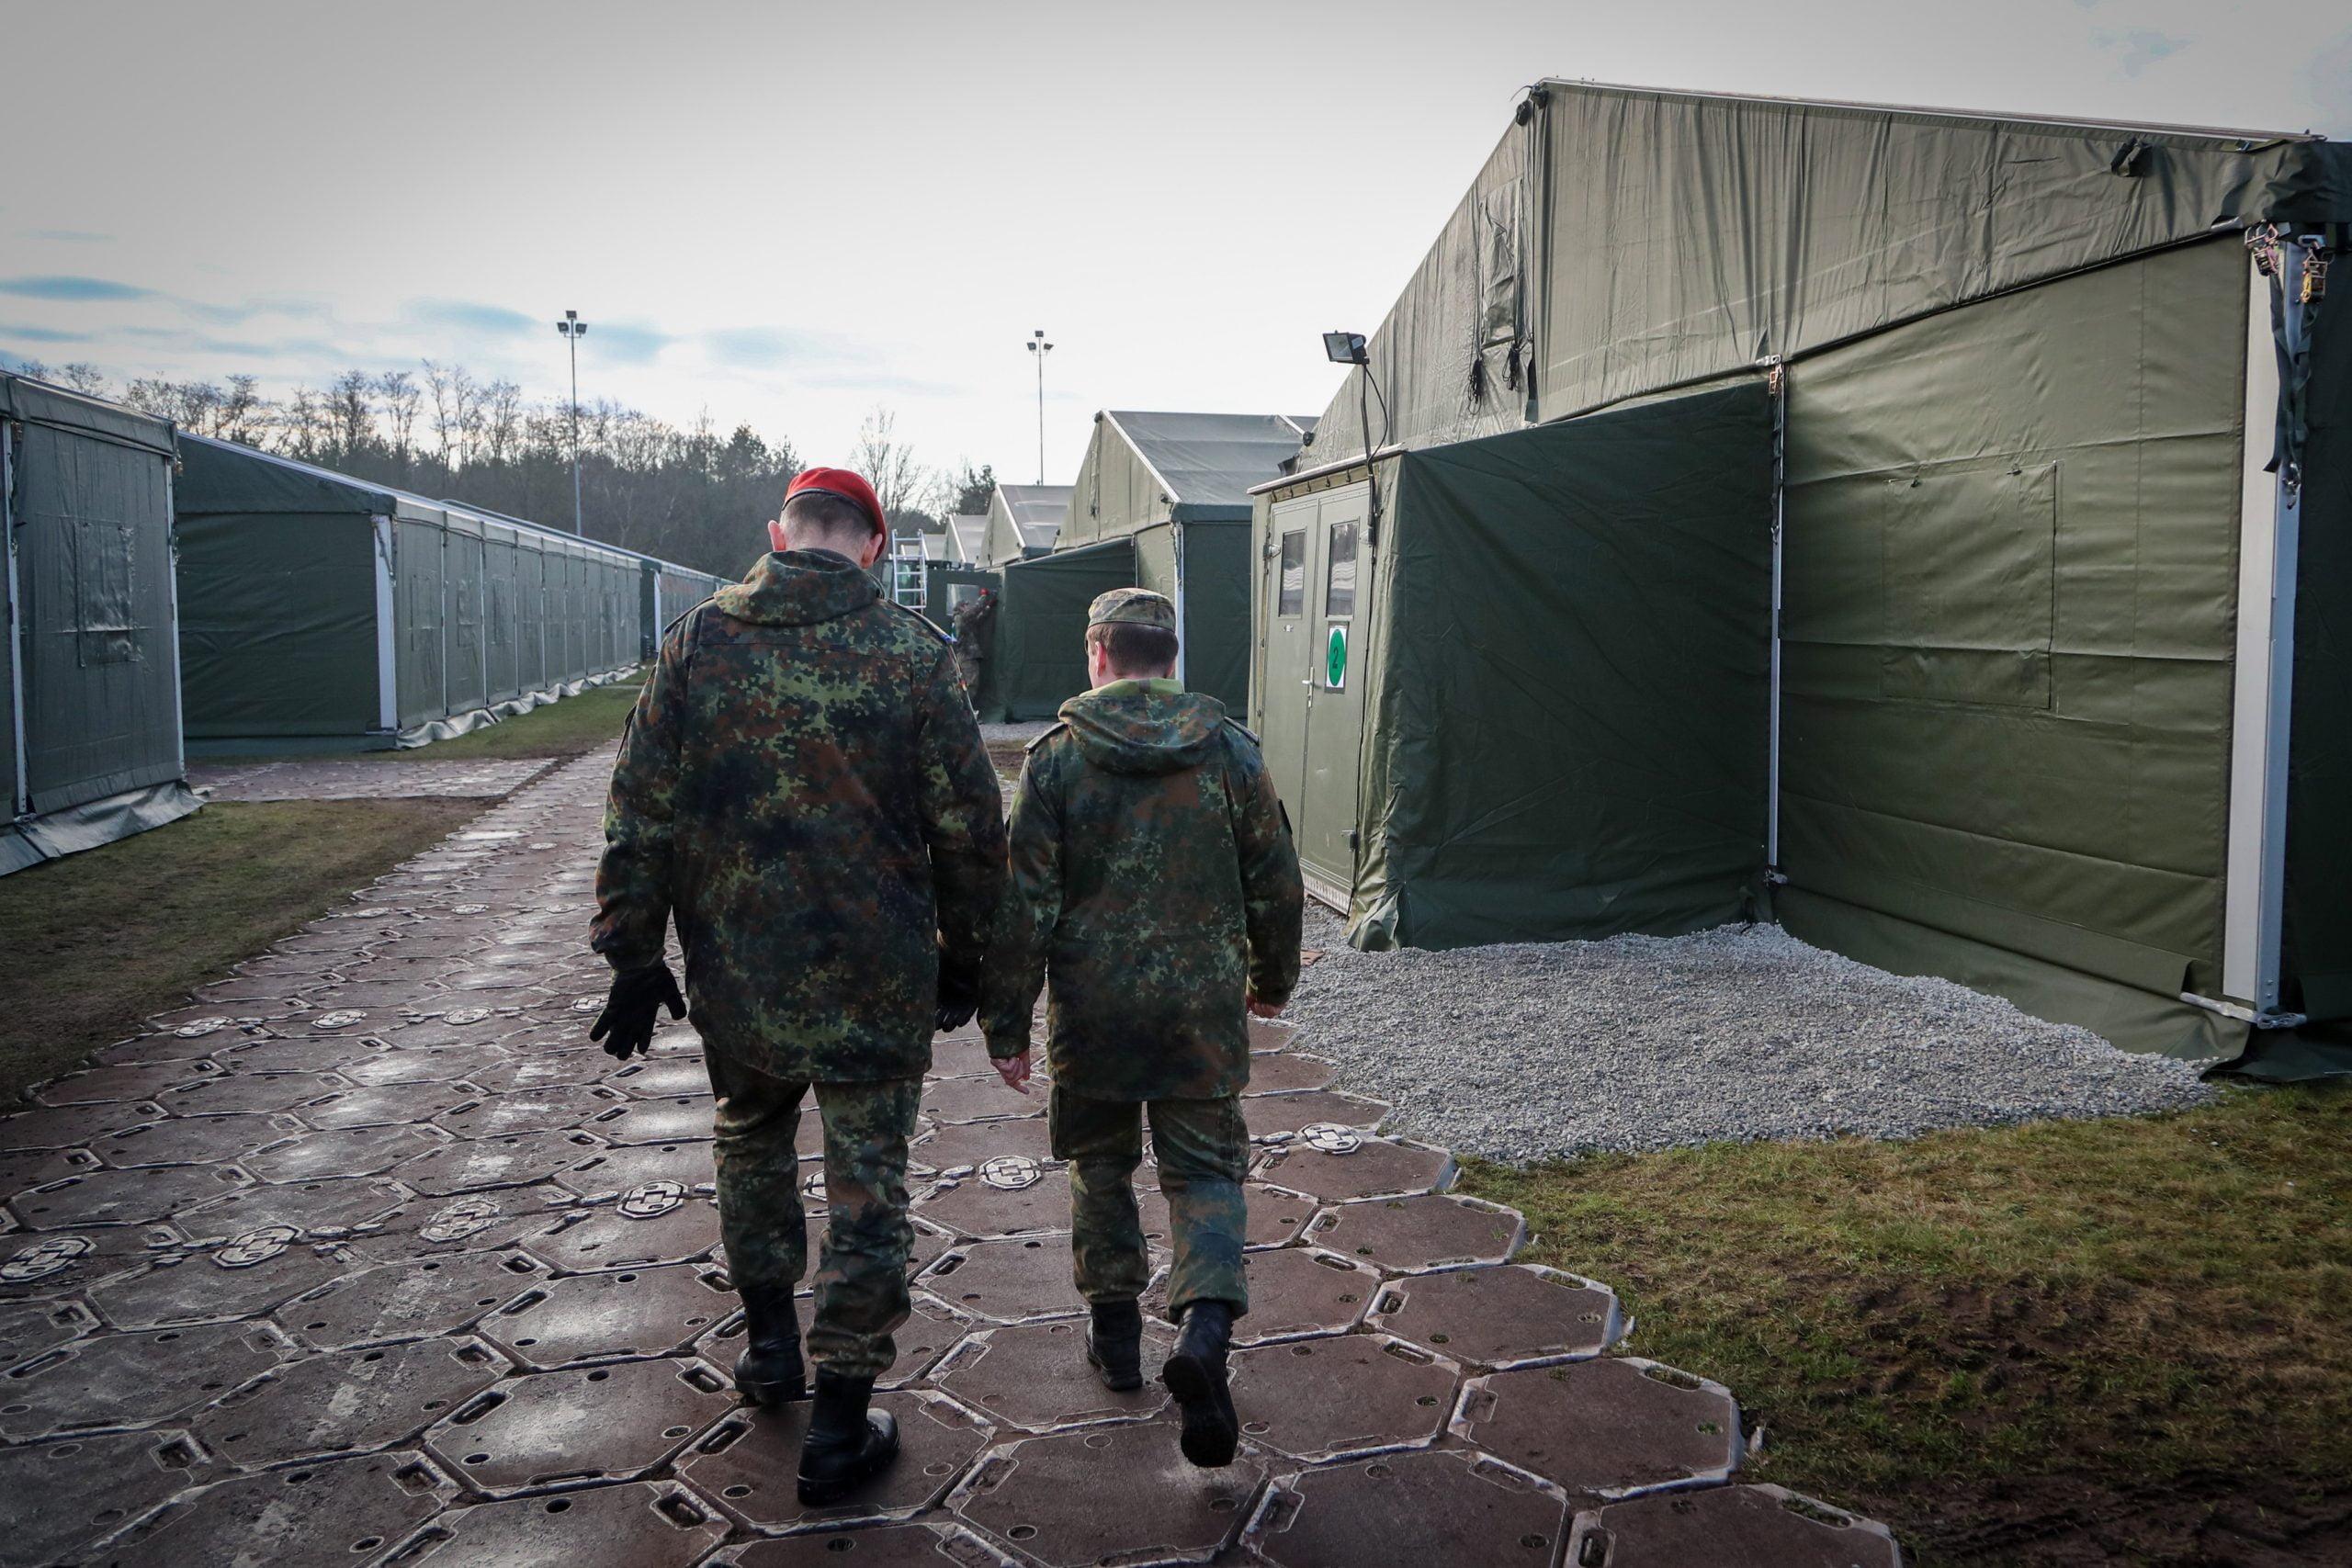 Υπόνοιες για ακροδεξιό εξτρεμισμό στον γερμανικό στρατό